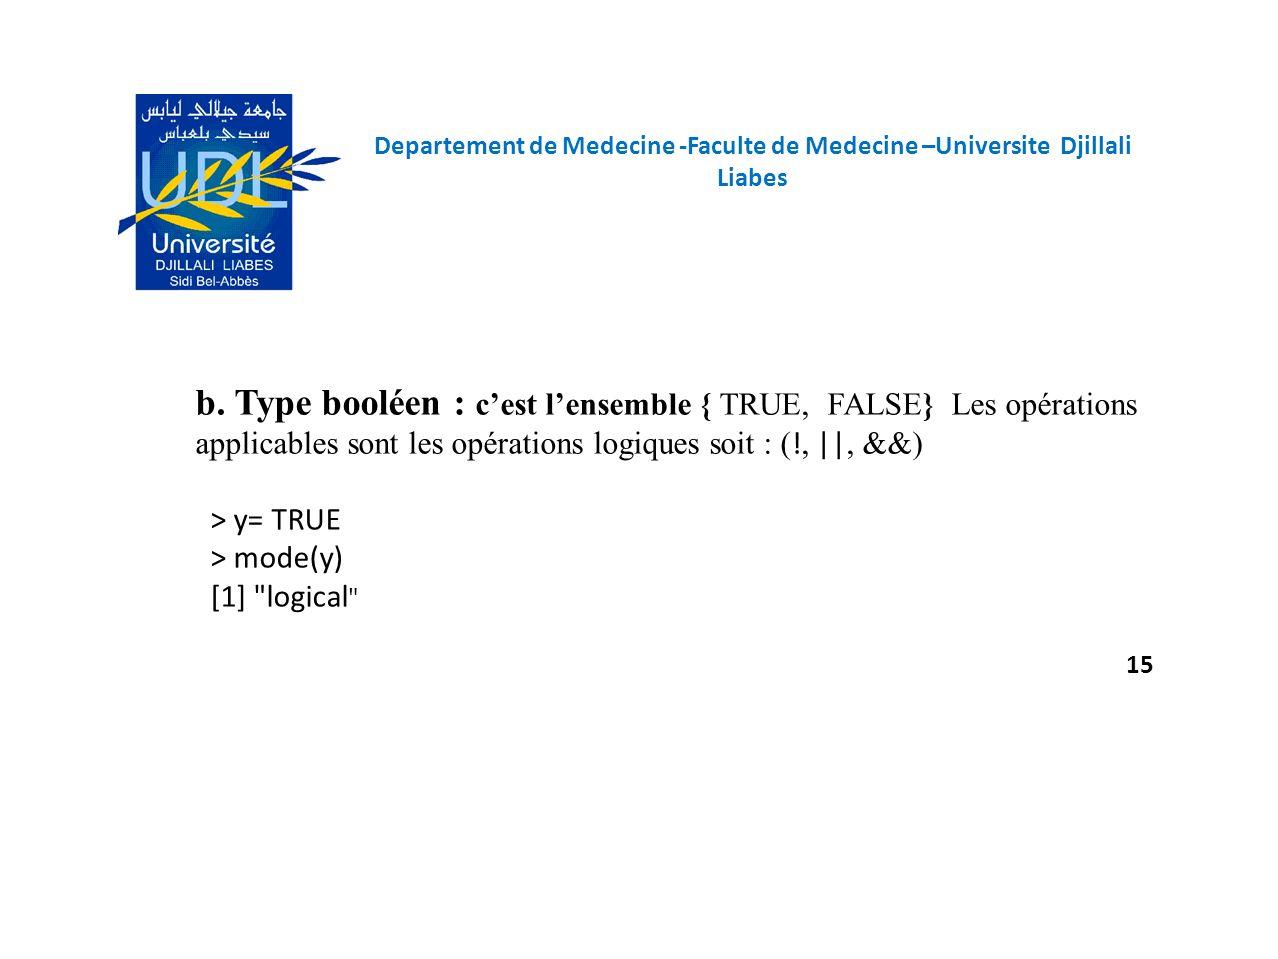 b. Type booléen : cest lensemble { TRUE, FALSE} Les opérations applicables sont les opérations logiques soit : ( !, ||, &&) > y= TRUE > mode(y) [1]